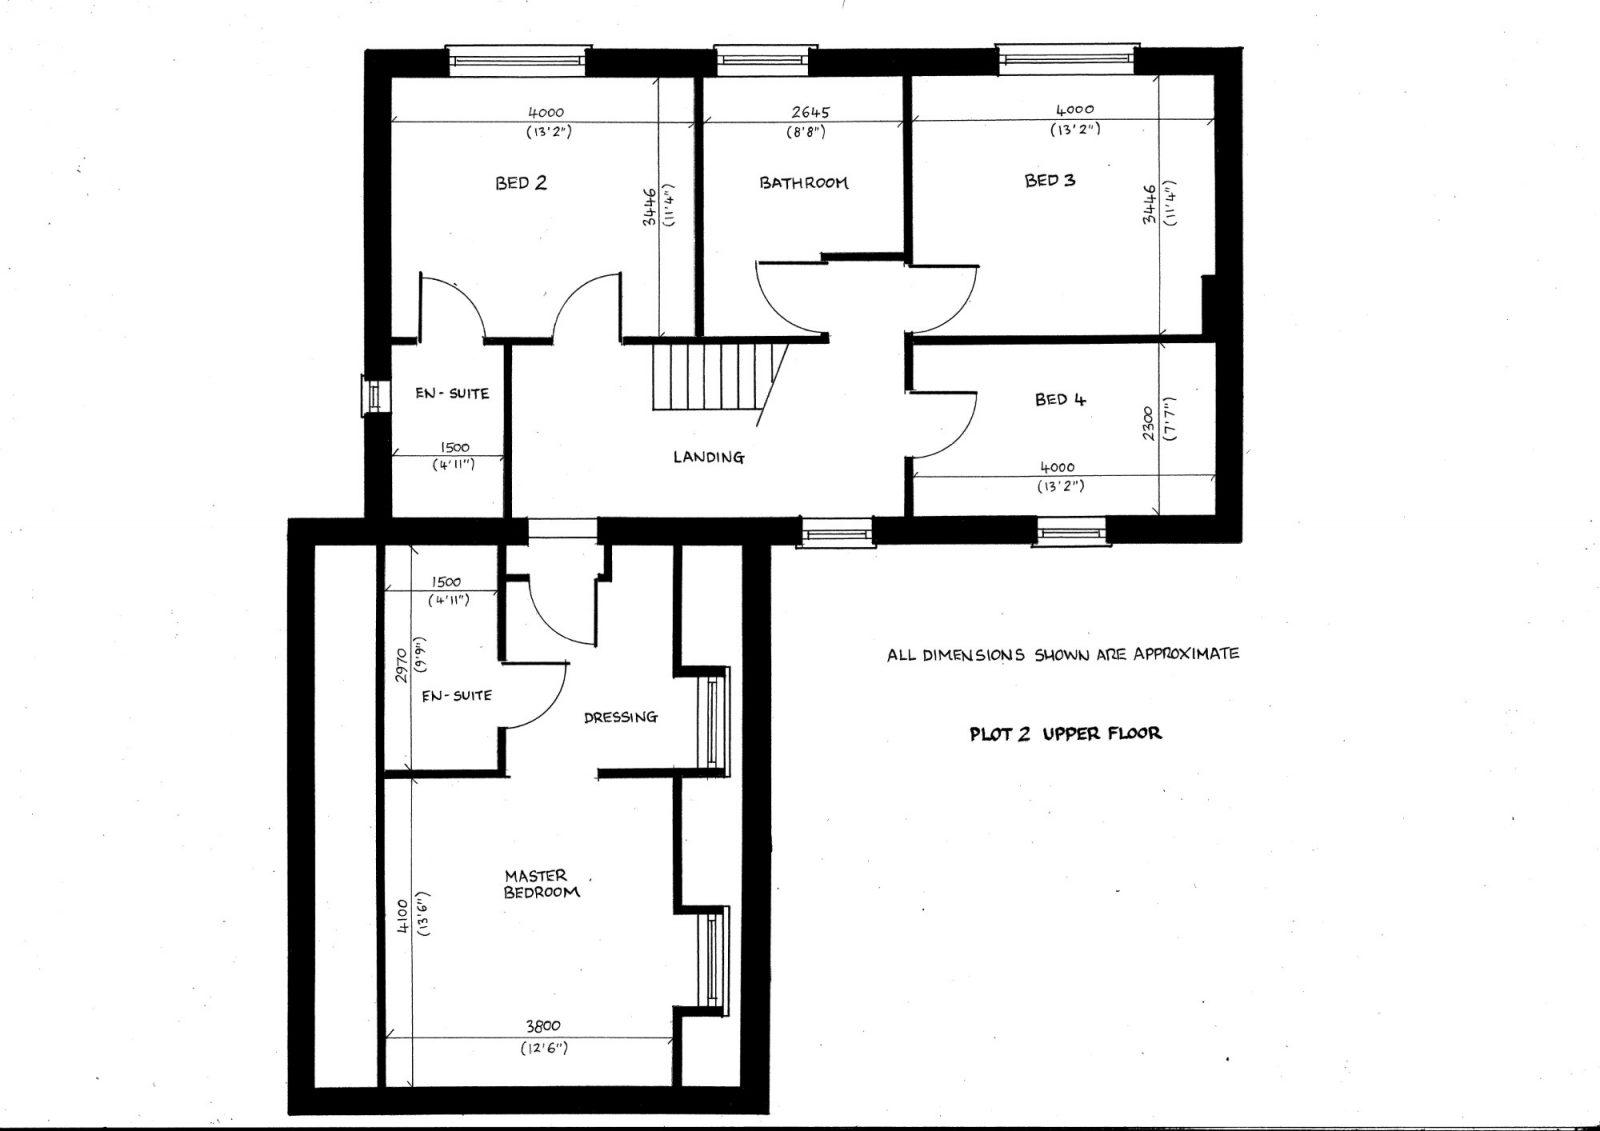 plot-2-upper-floor-plan-reduced